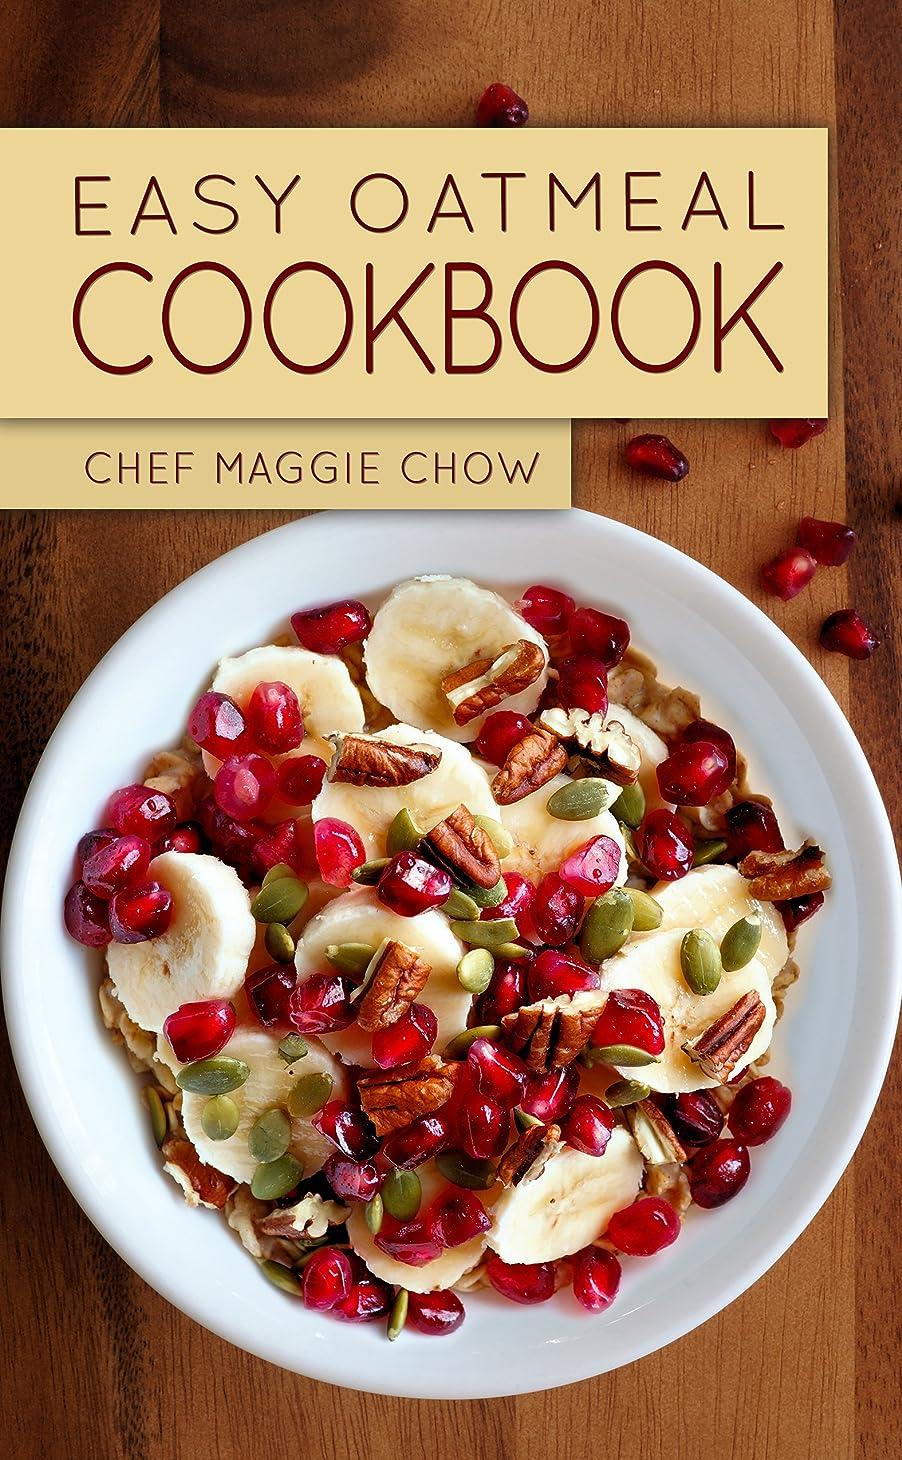 運ぶ視力パトロンEasy Oatmeal Cookbook (Oatmeal, Oats, Oatmeal Recipes, Oatmeal Cookbook 1) (English Edition)